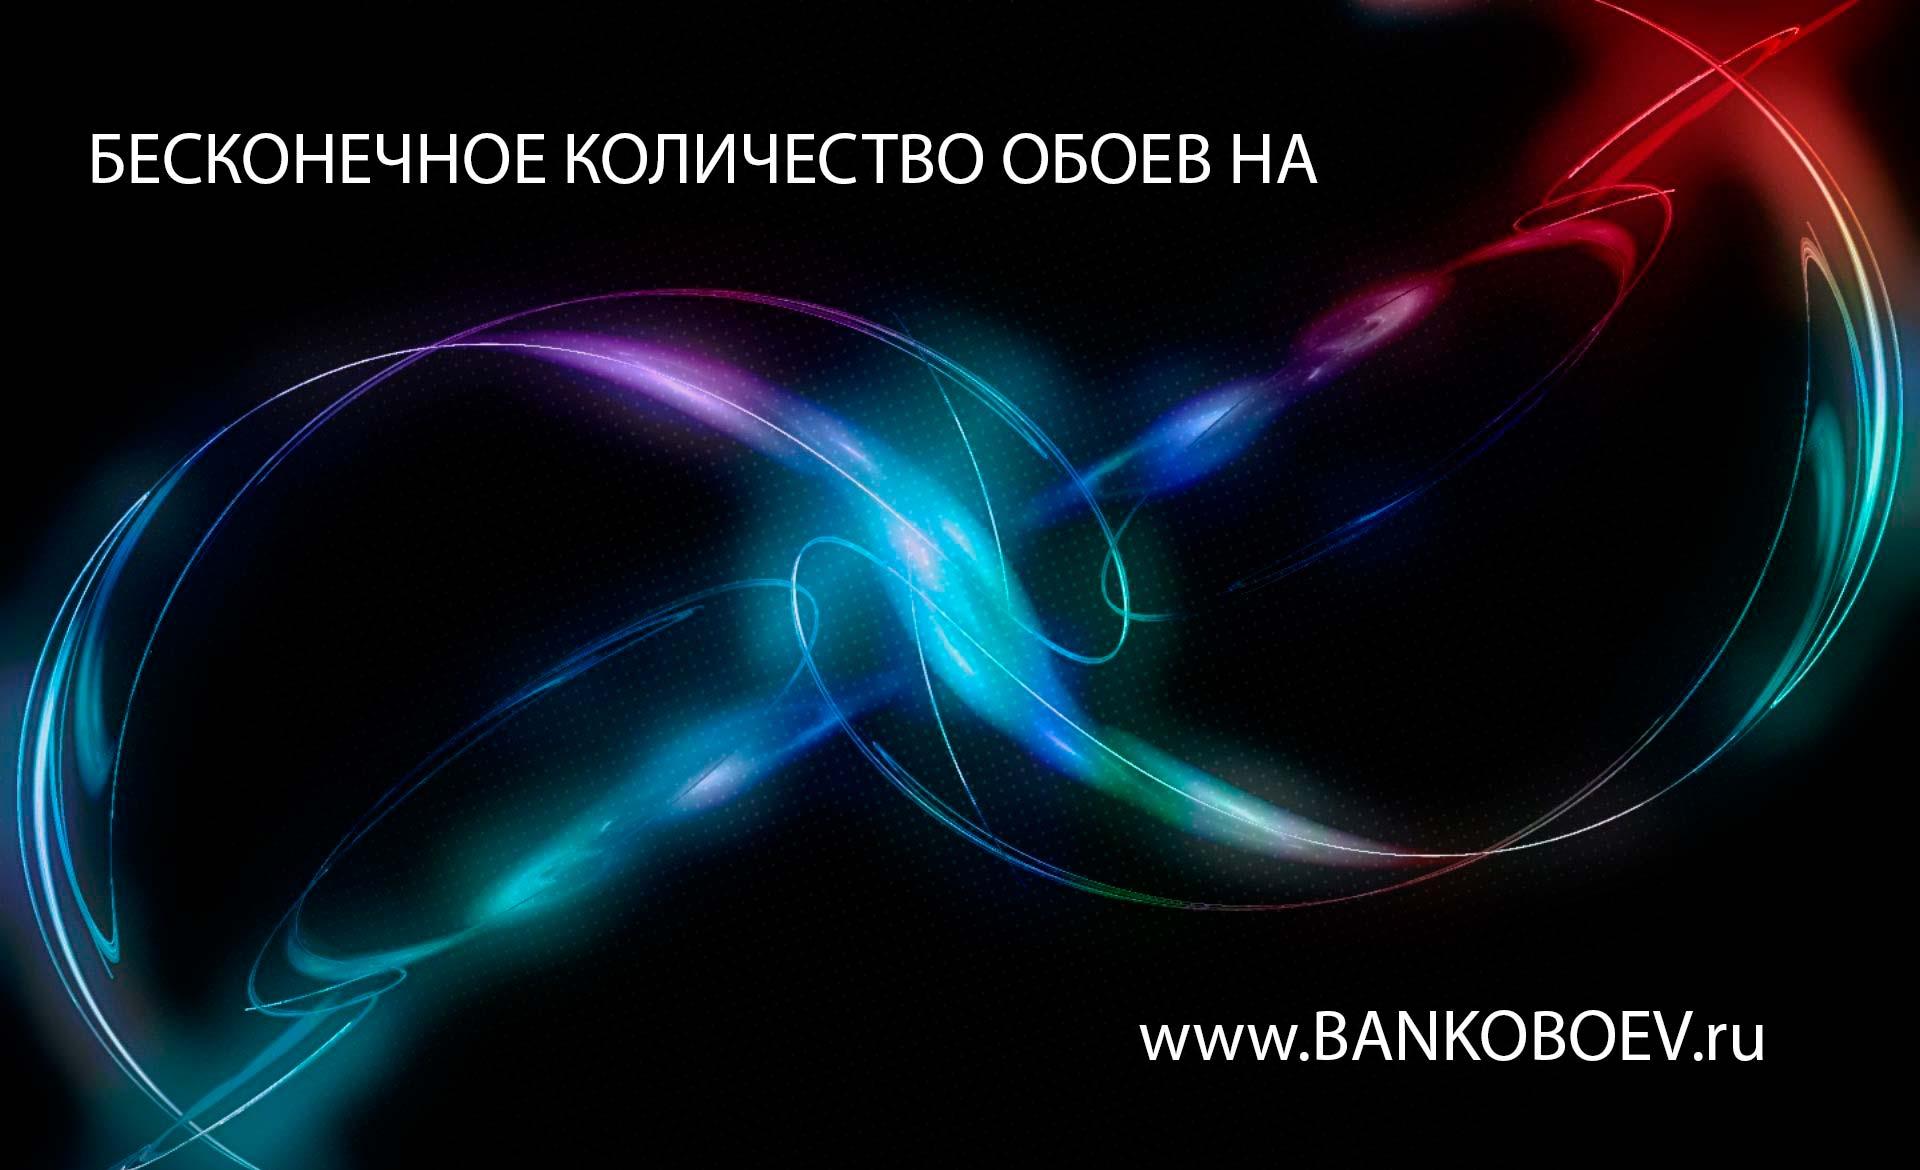 ... .bankoboev.ru/images/Mjg1MDUy/Bankoboev.Ru_ford_f_150_svt_raptor.jpg